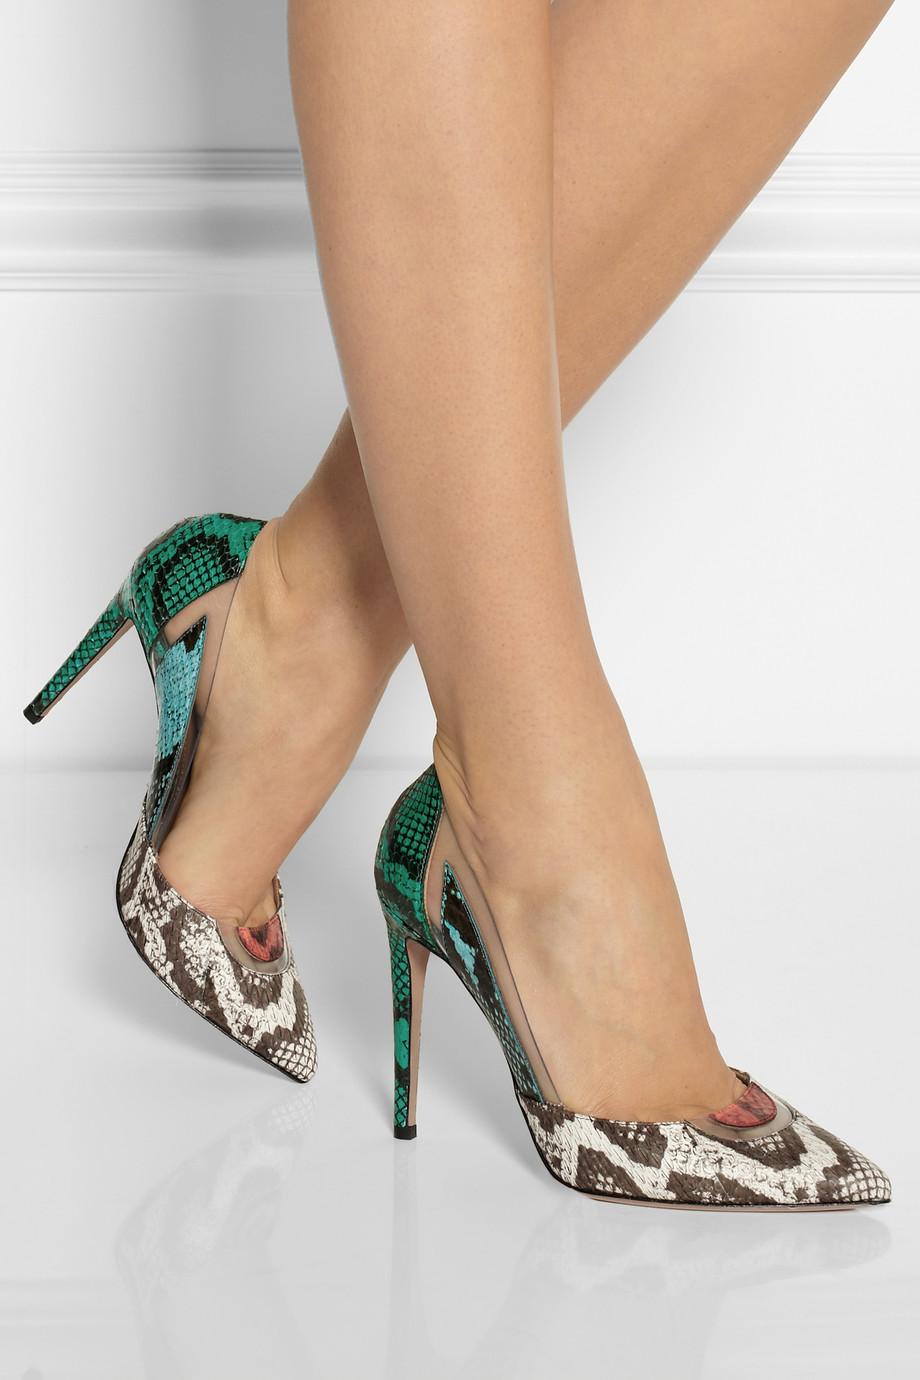 Aquazzura-Yılan-Derisi-Desenli-Topuklu-Stiletto-Ayakkabı-Modeli